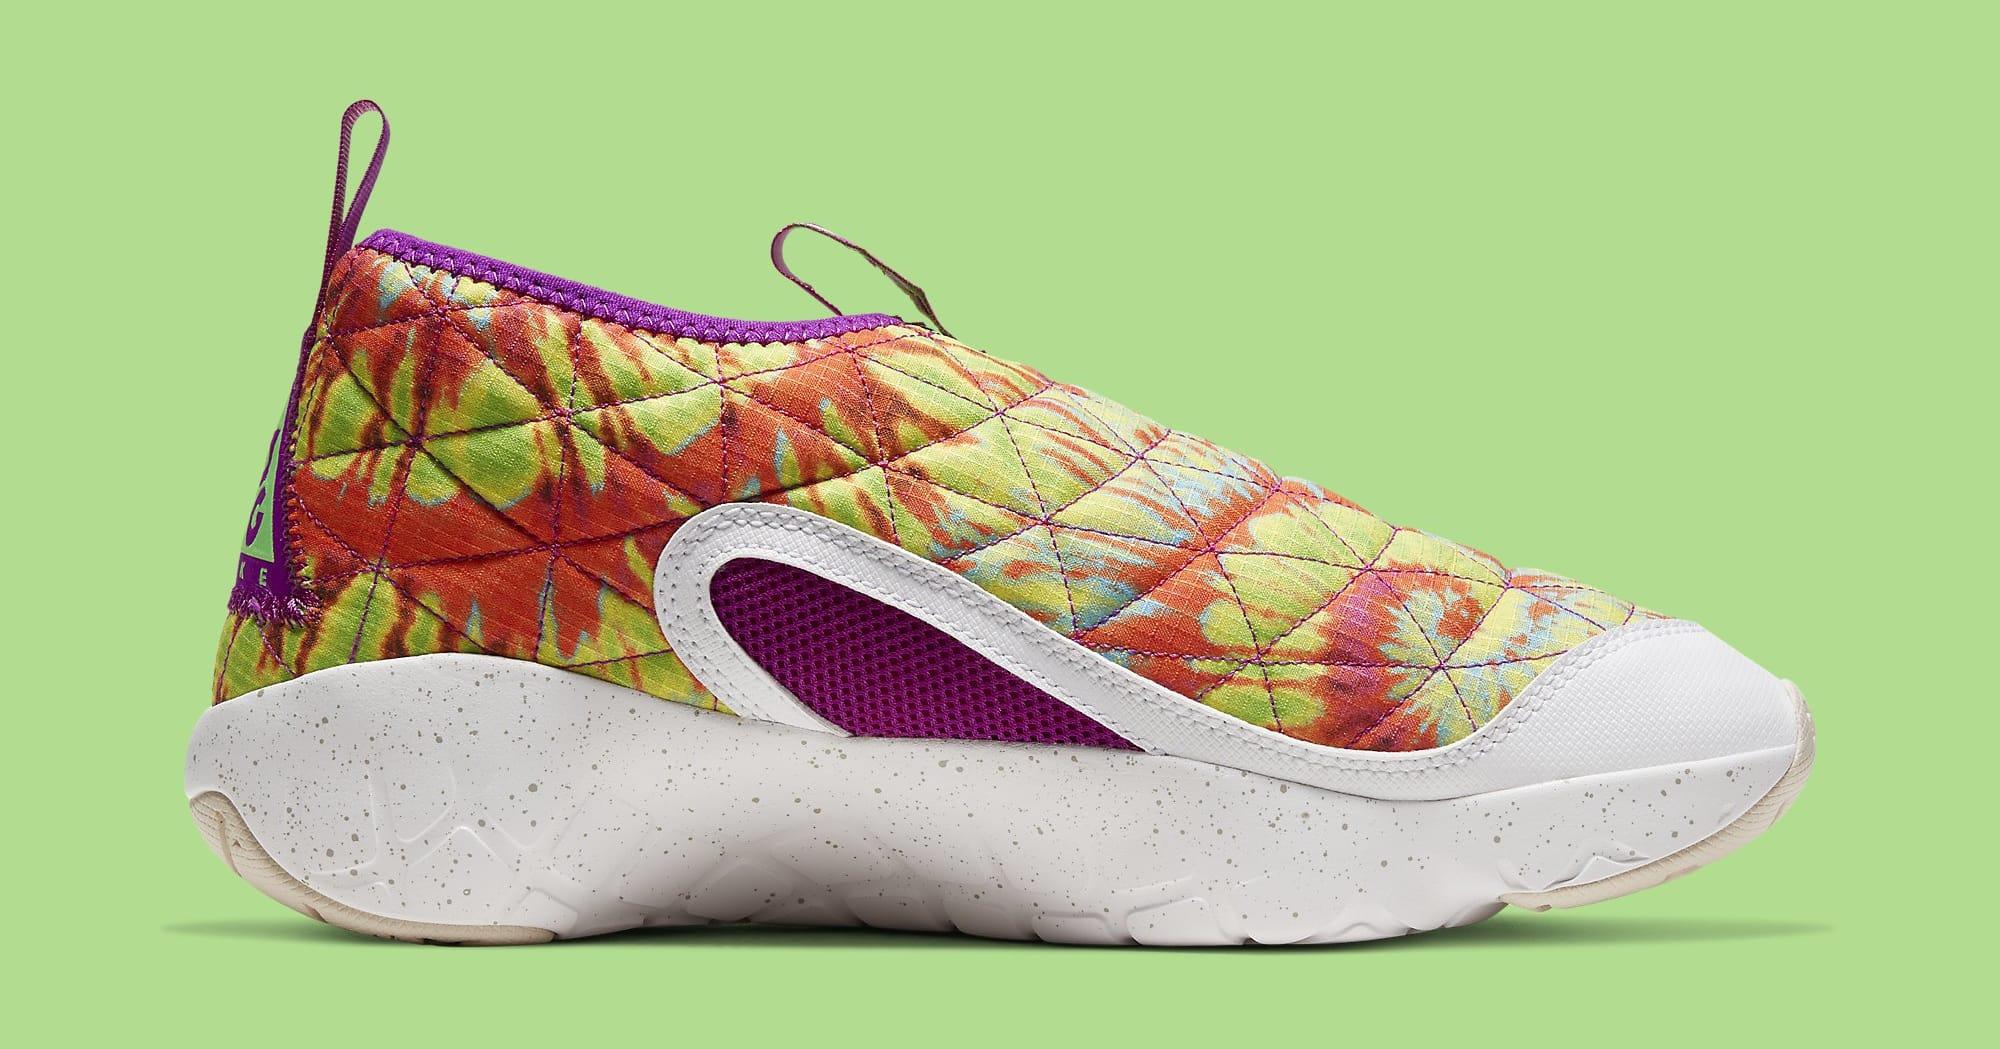 Nike ACG Moc 3.0 'Tie-Dye' CW2463-300 Medial